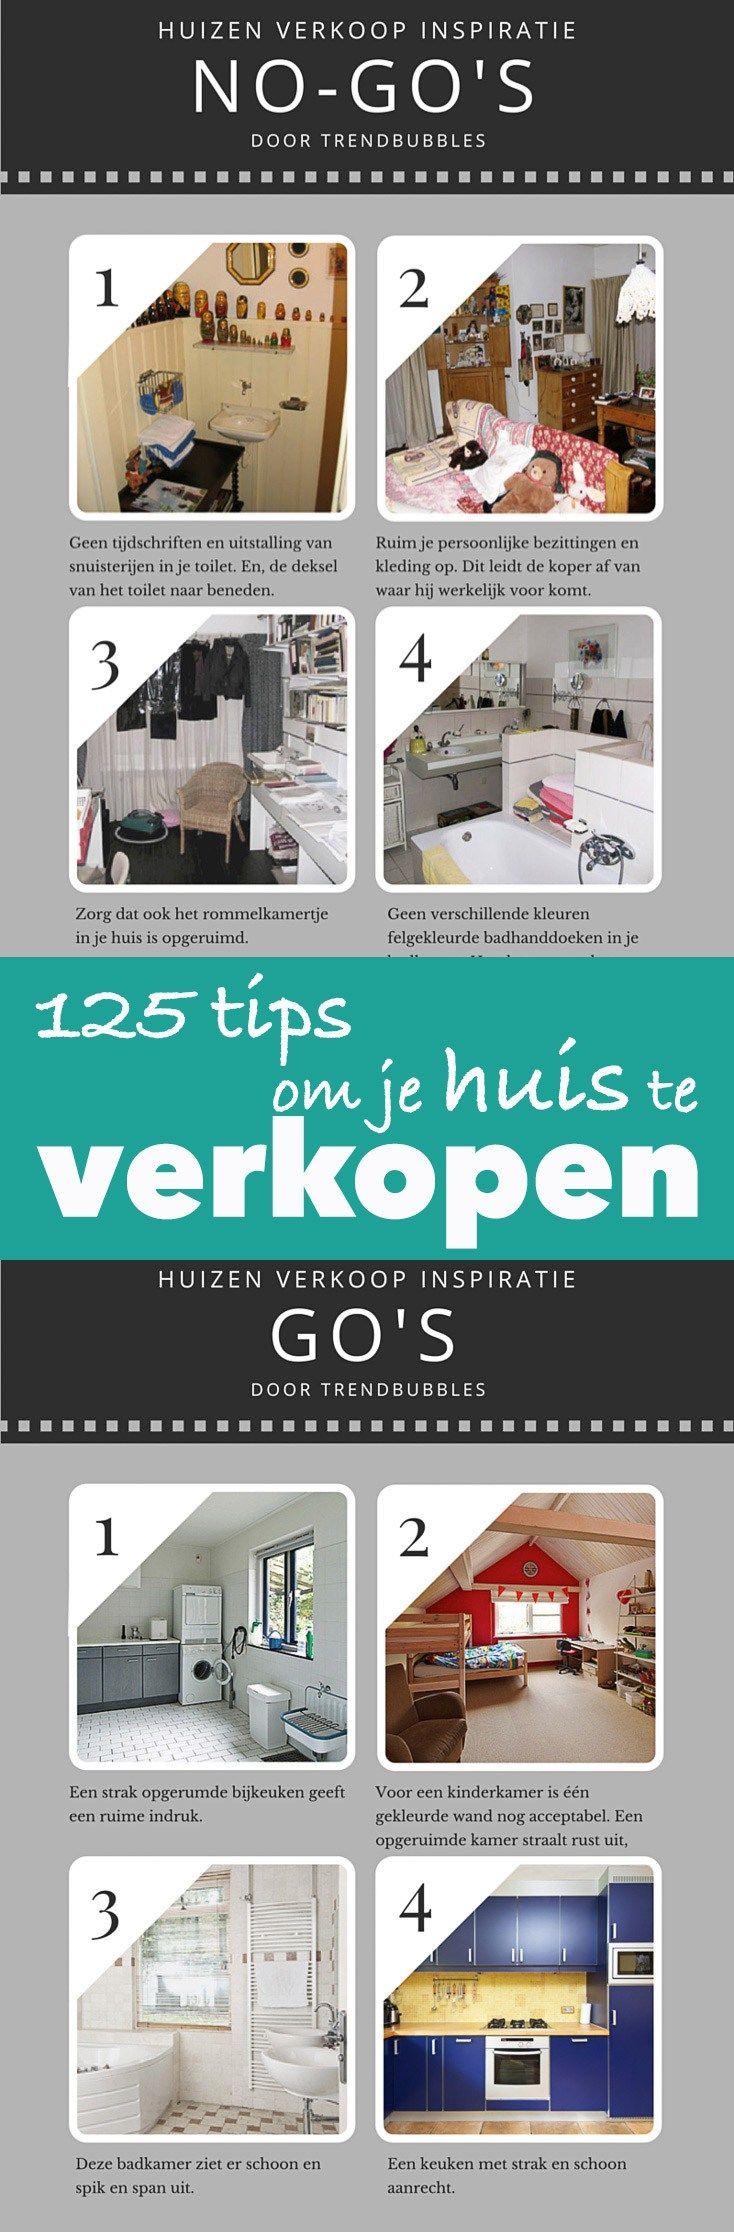 125 tips om je huis beter te verkopen. Kijk snel!